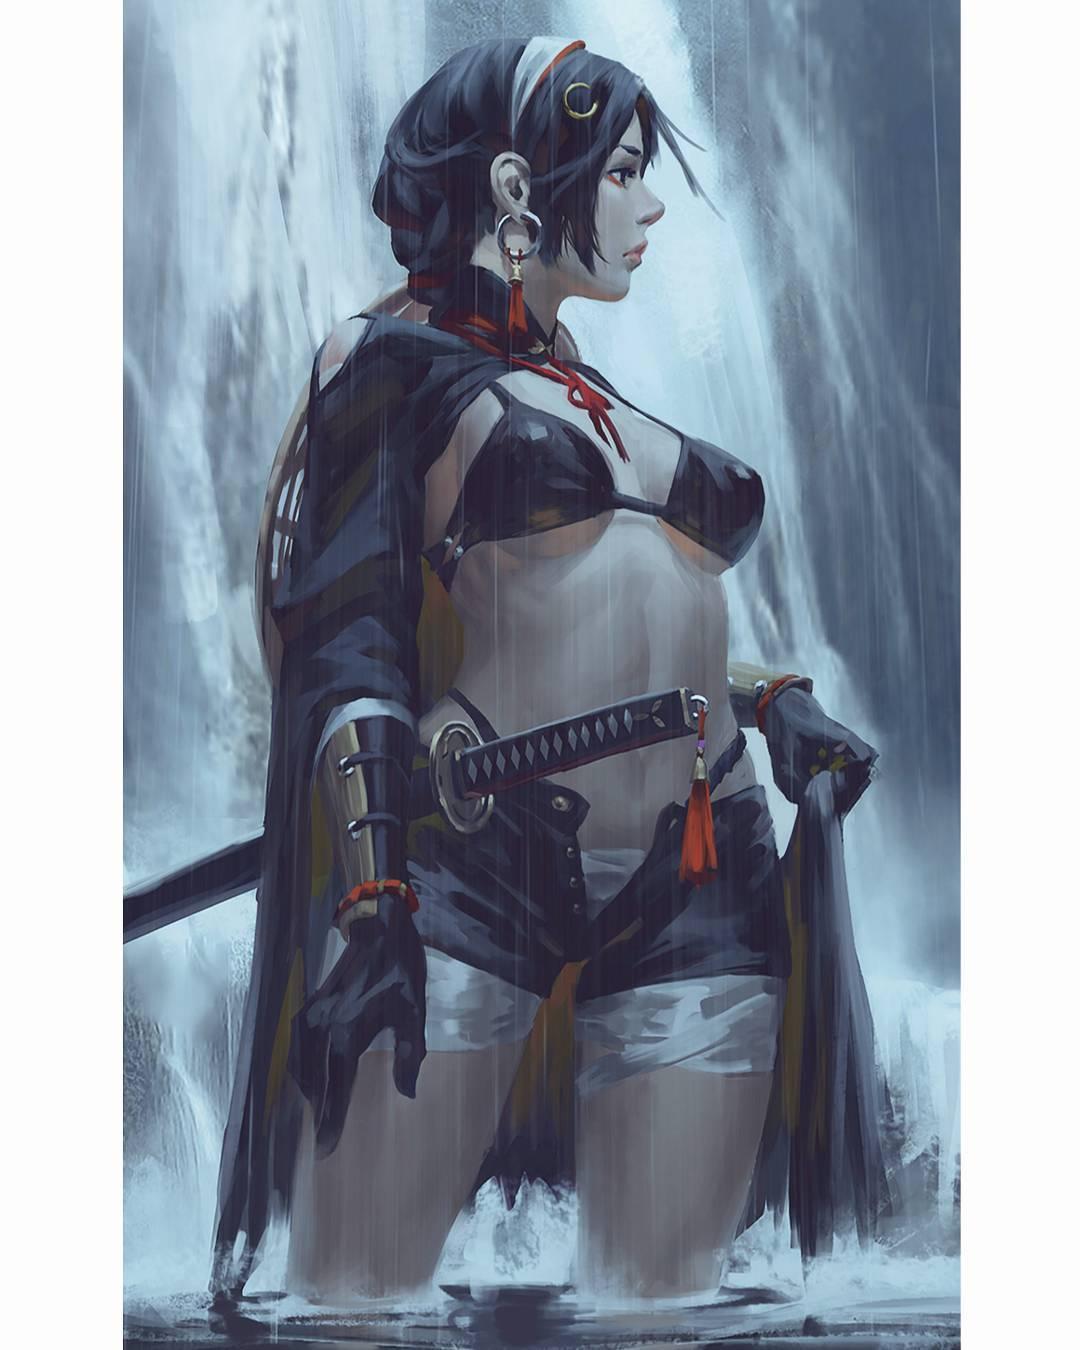 Wallpaper : GUWEIZ, samurai, sword